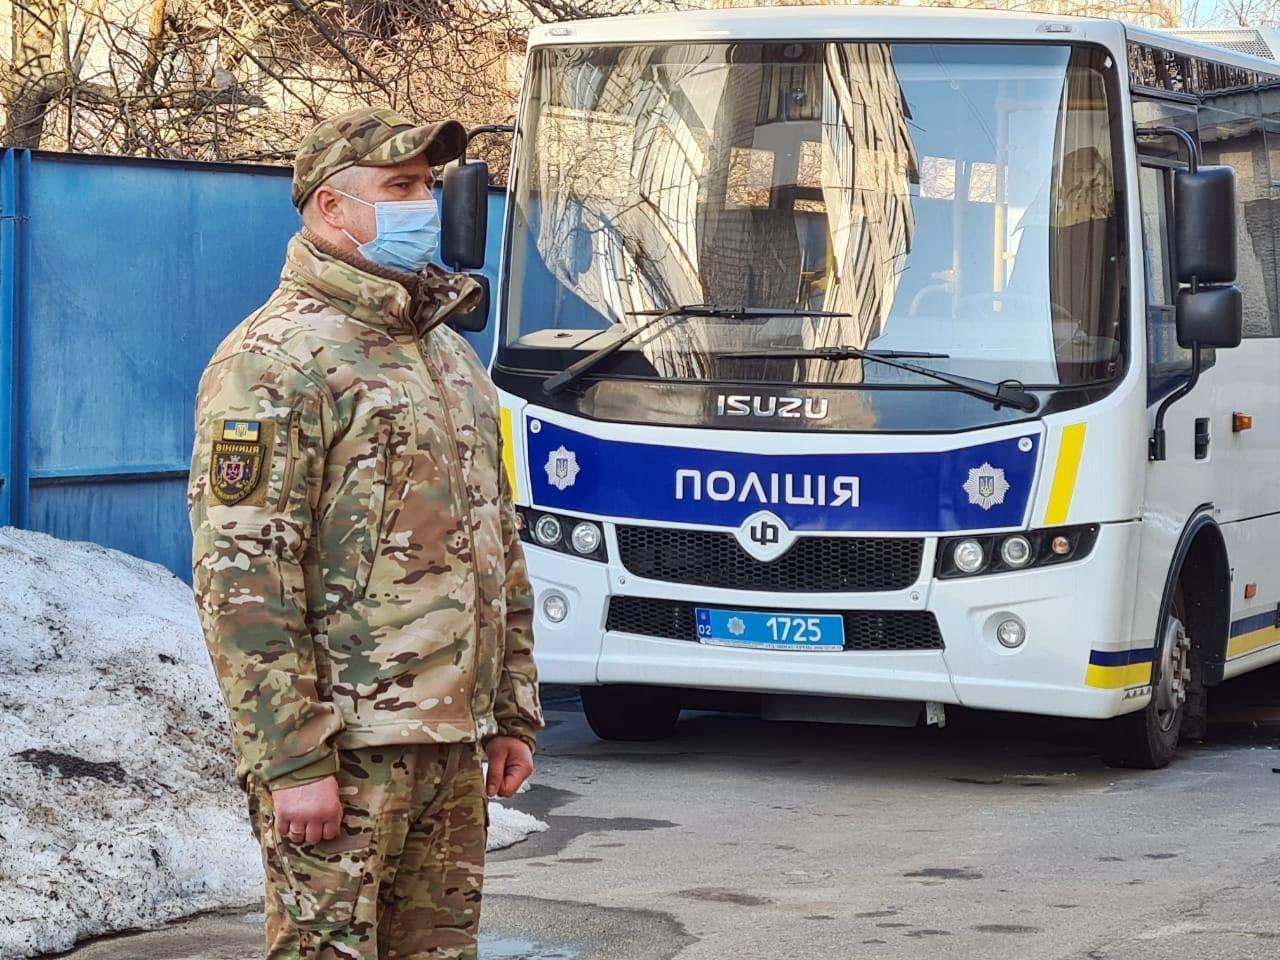 Поліцейські Вінниччини вчергове вирушили в зону ООС (Фото+Відео)